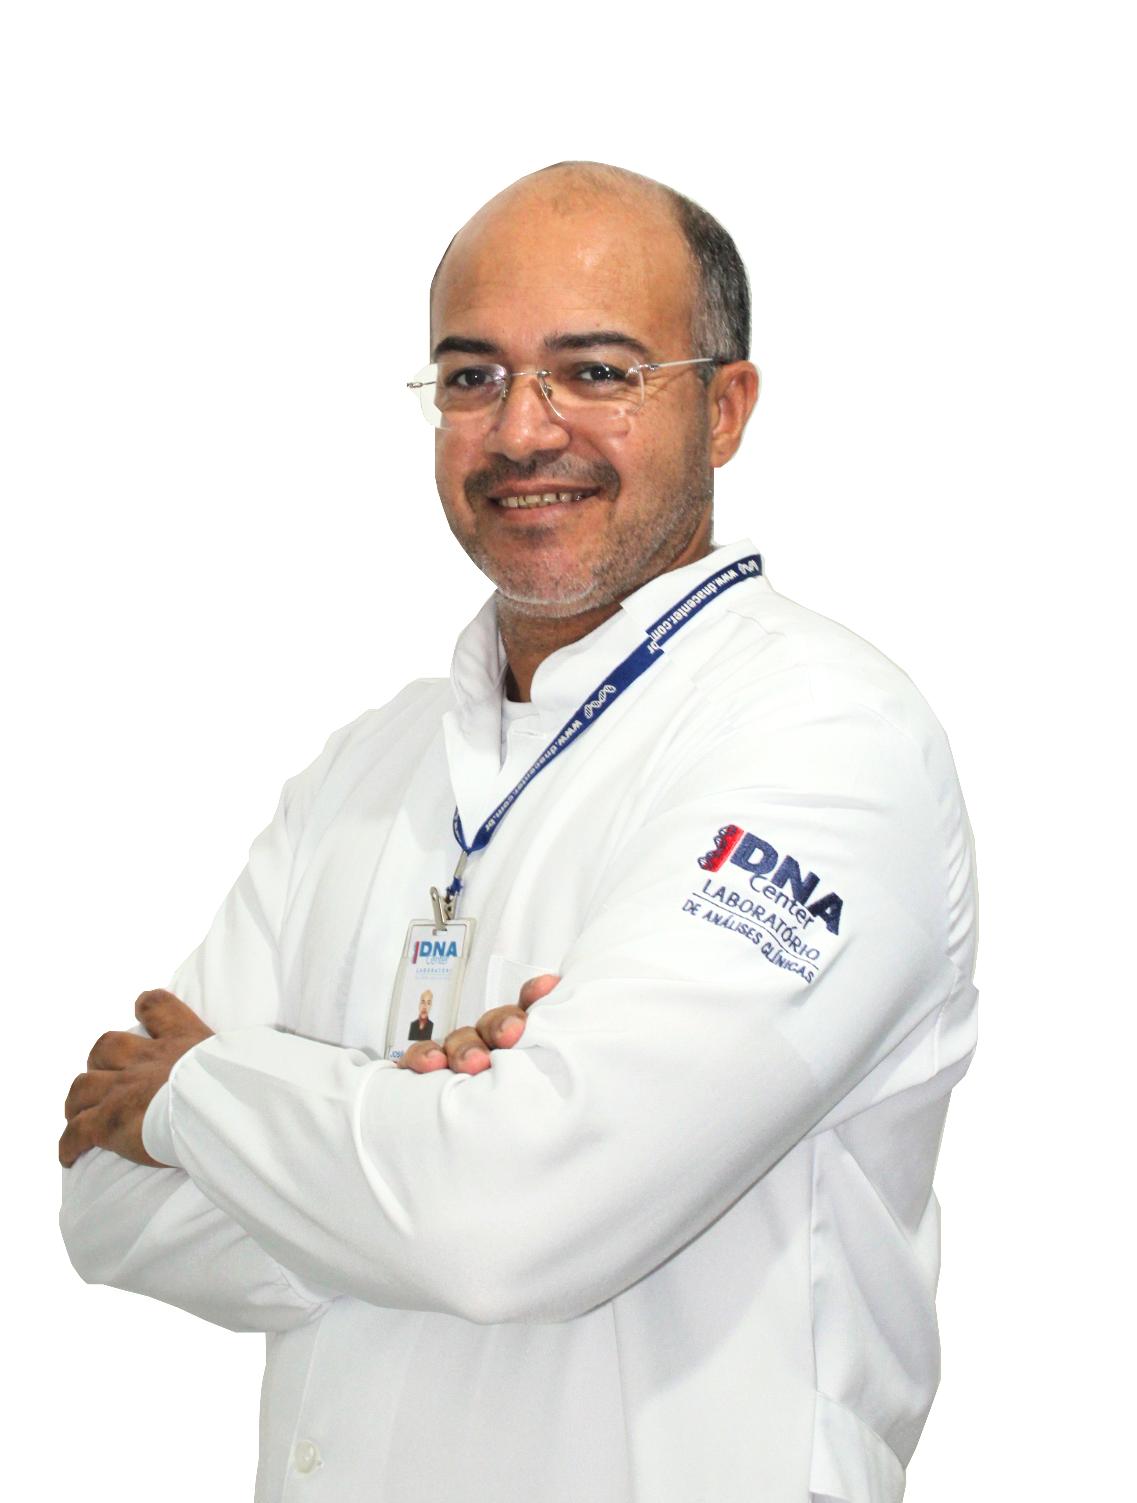 Adelmo Cunha